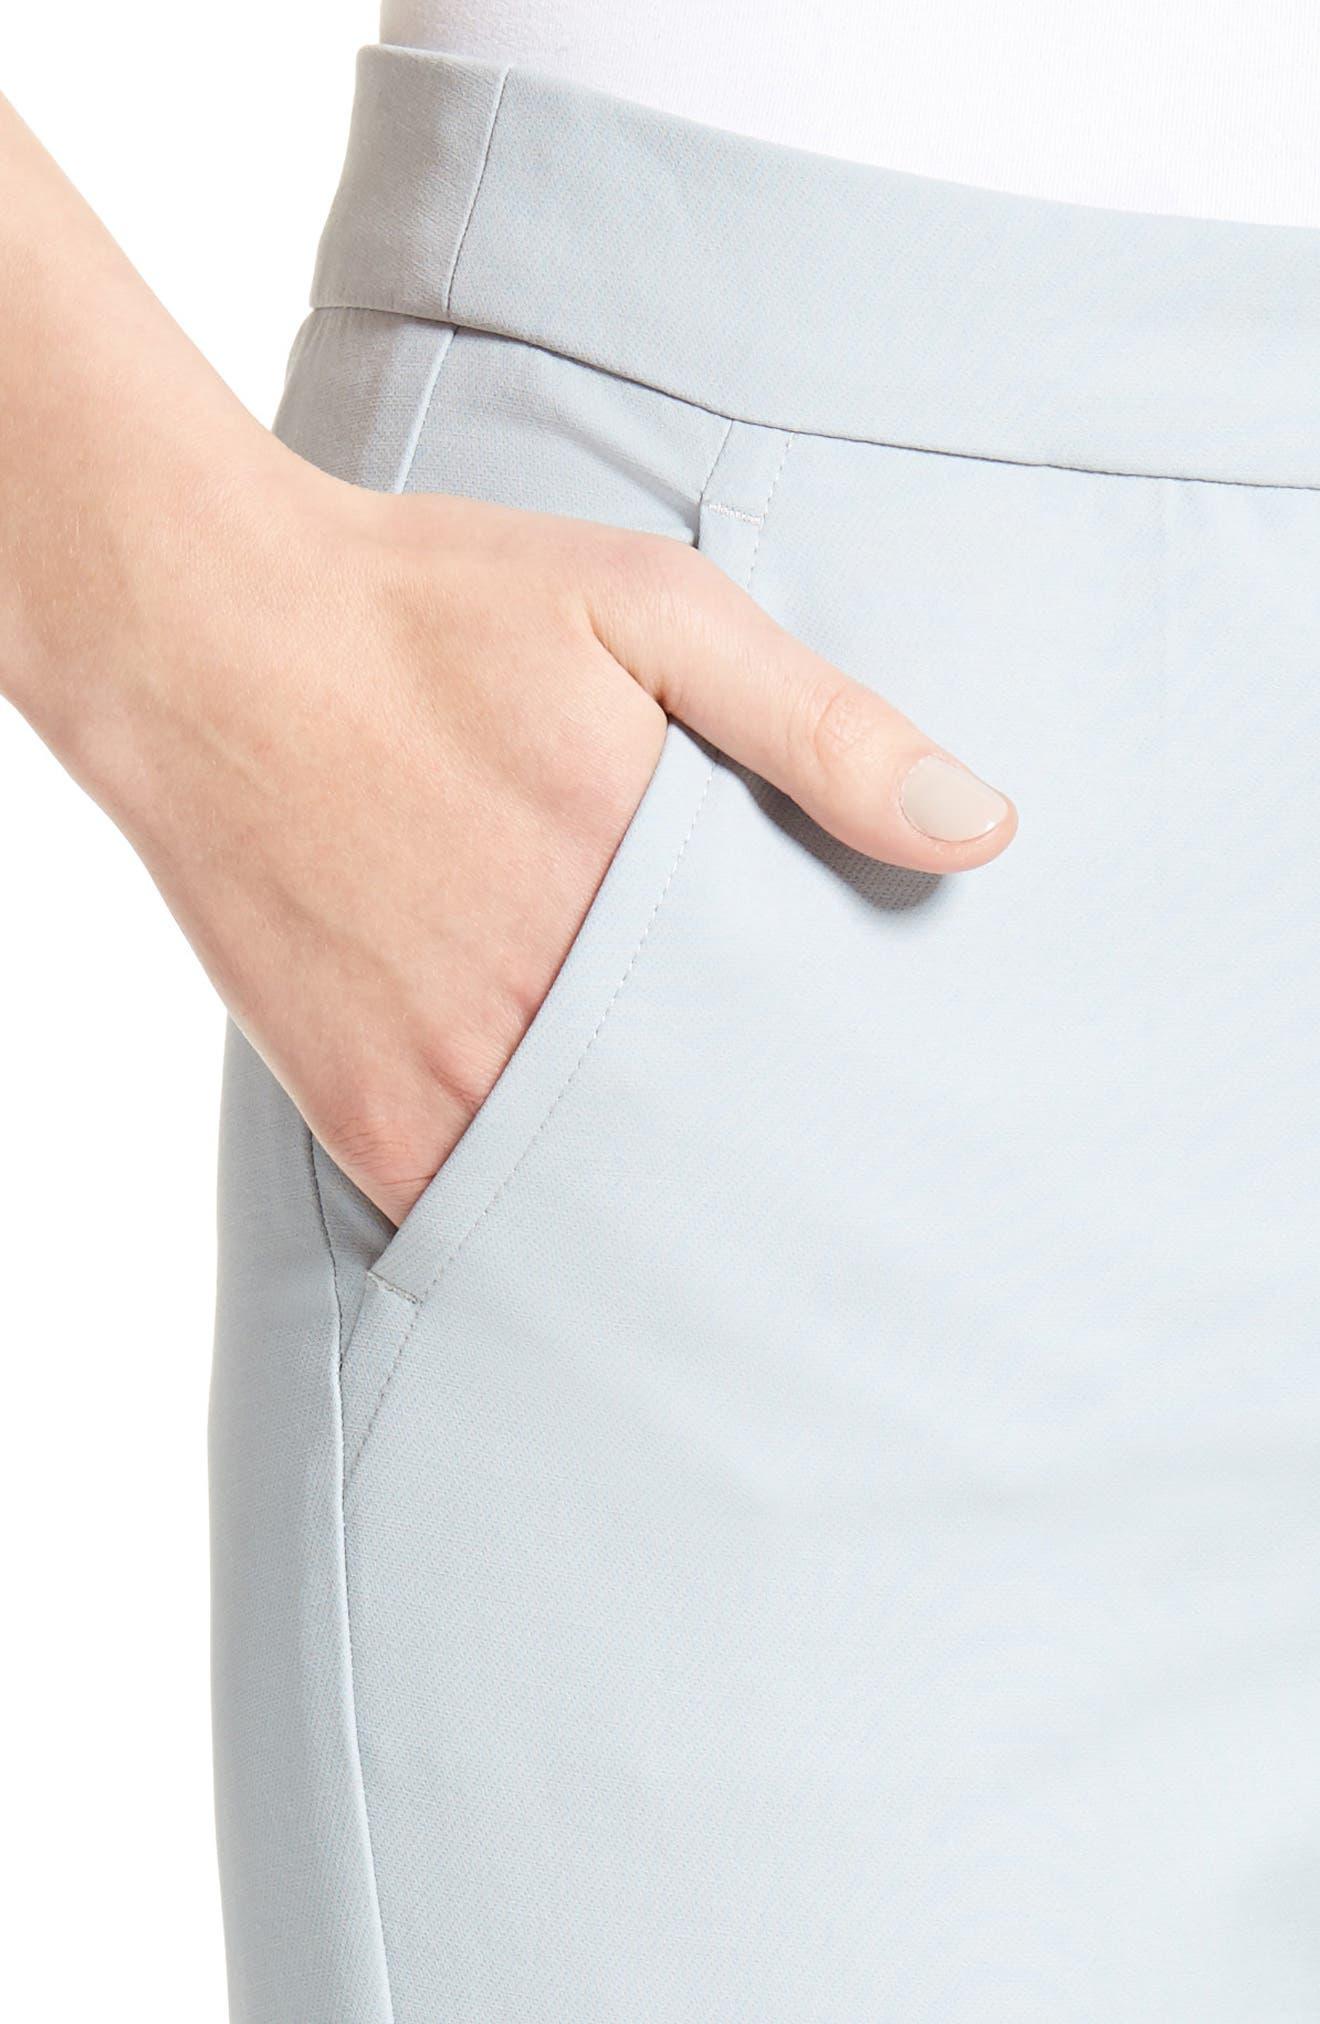 Armani Collezion Tech Cotton Cuff Pants,                             Alternate thumbnail 6, color,                             Cloud